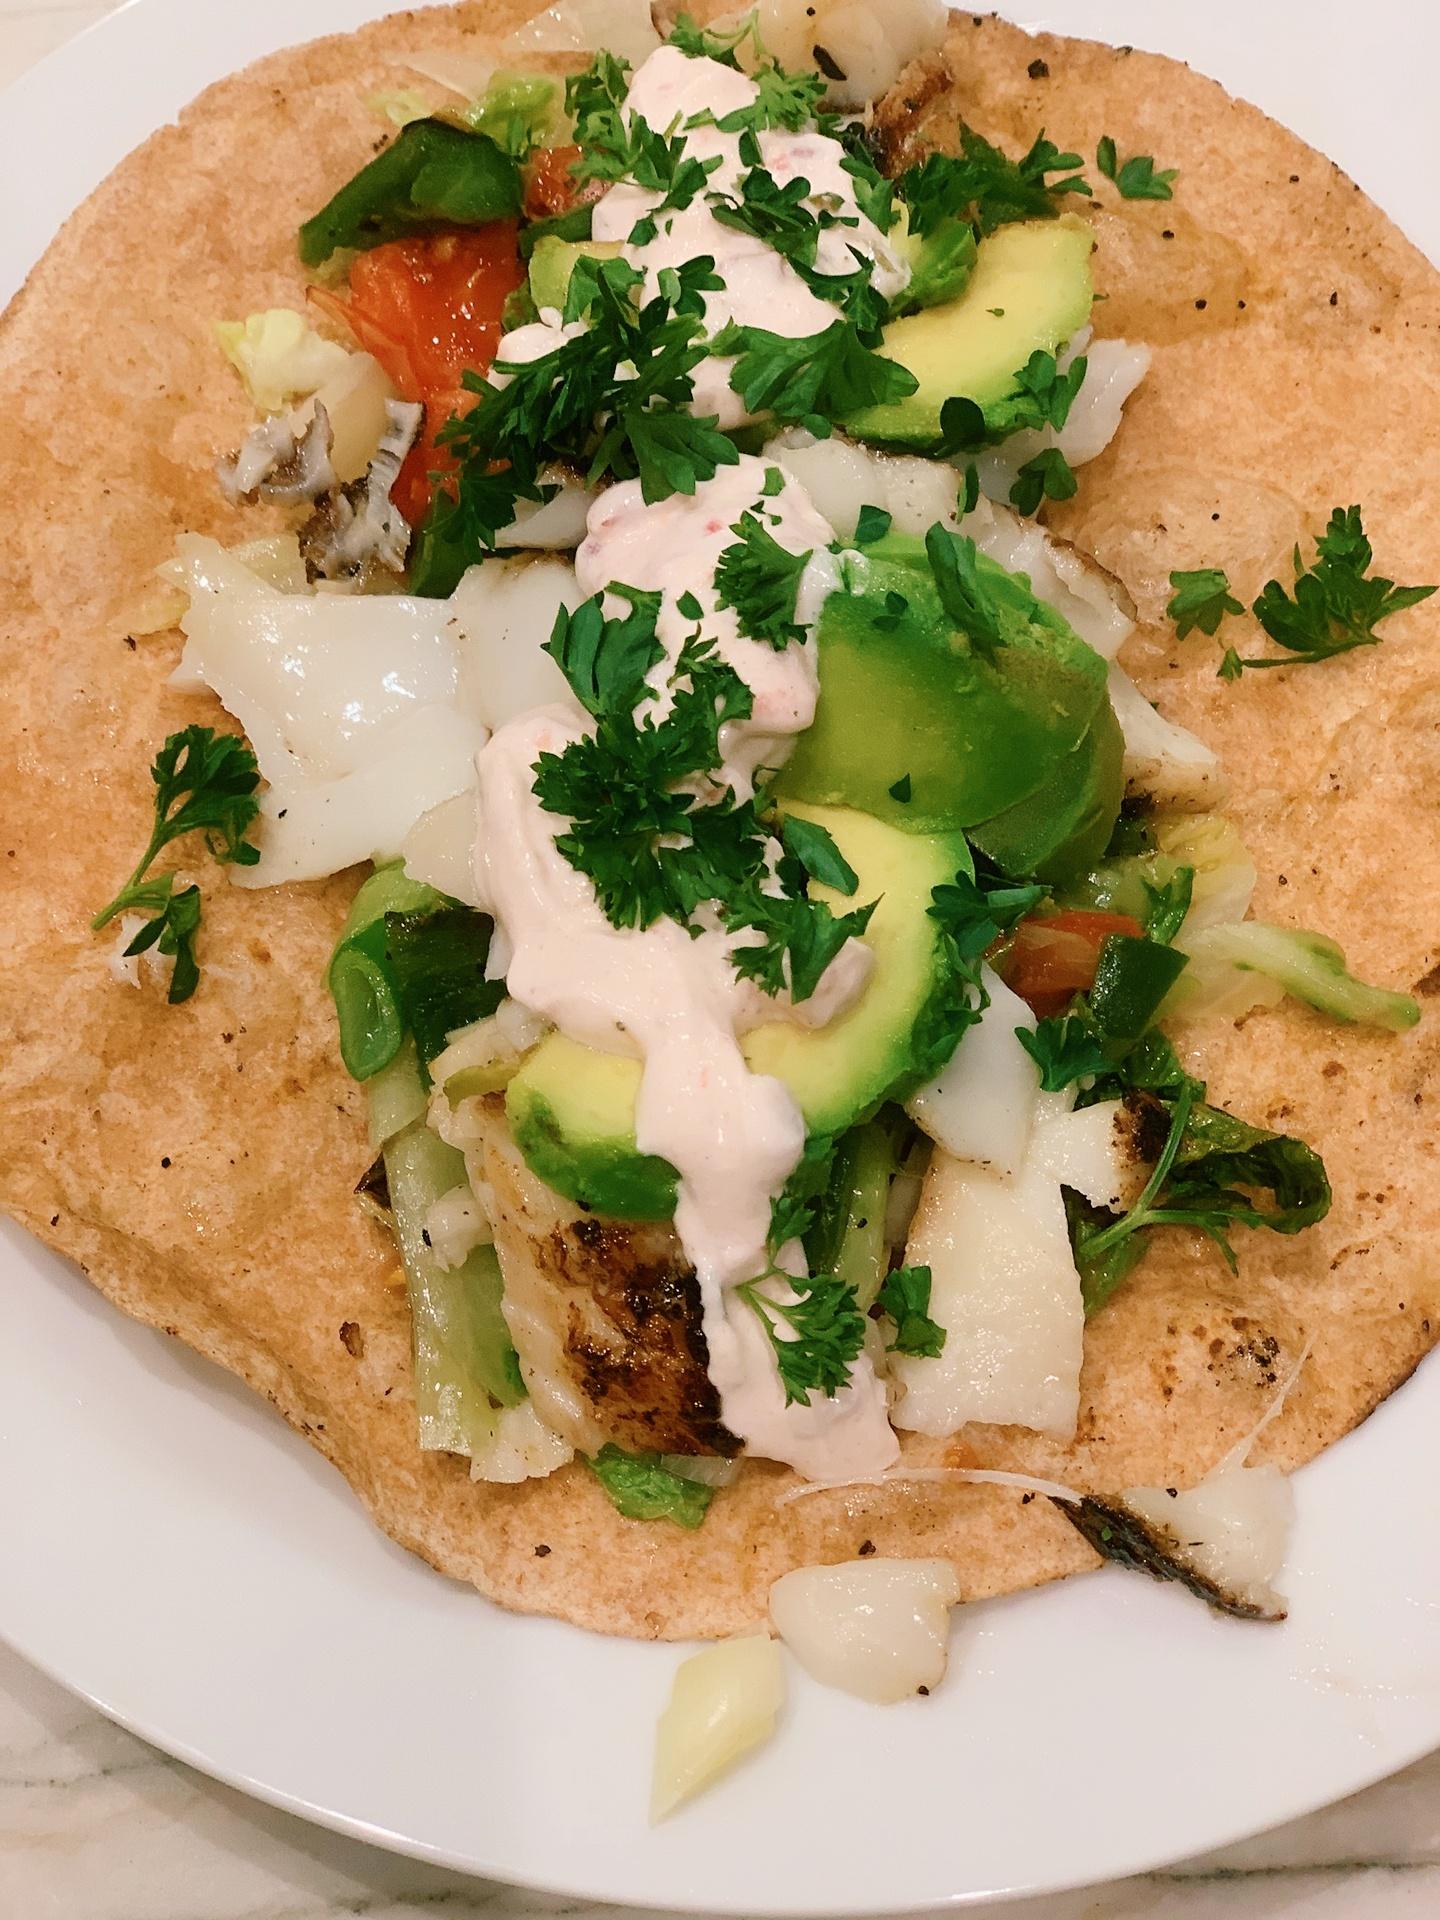 Fish in a soft tortilla with cilantro, crema, tomato, lettuce